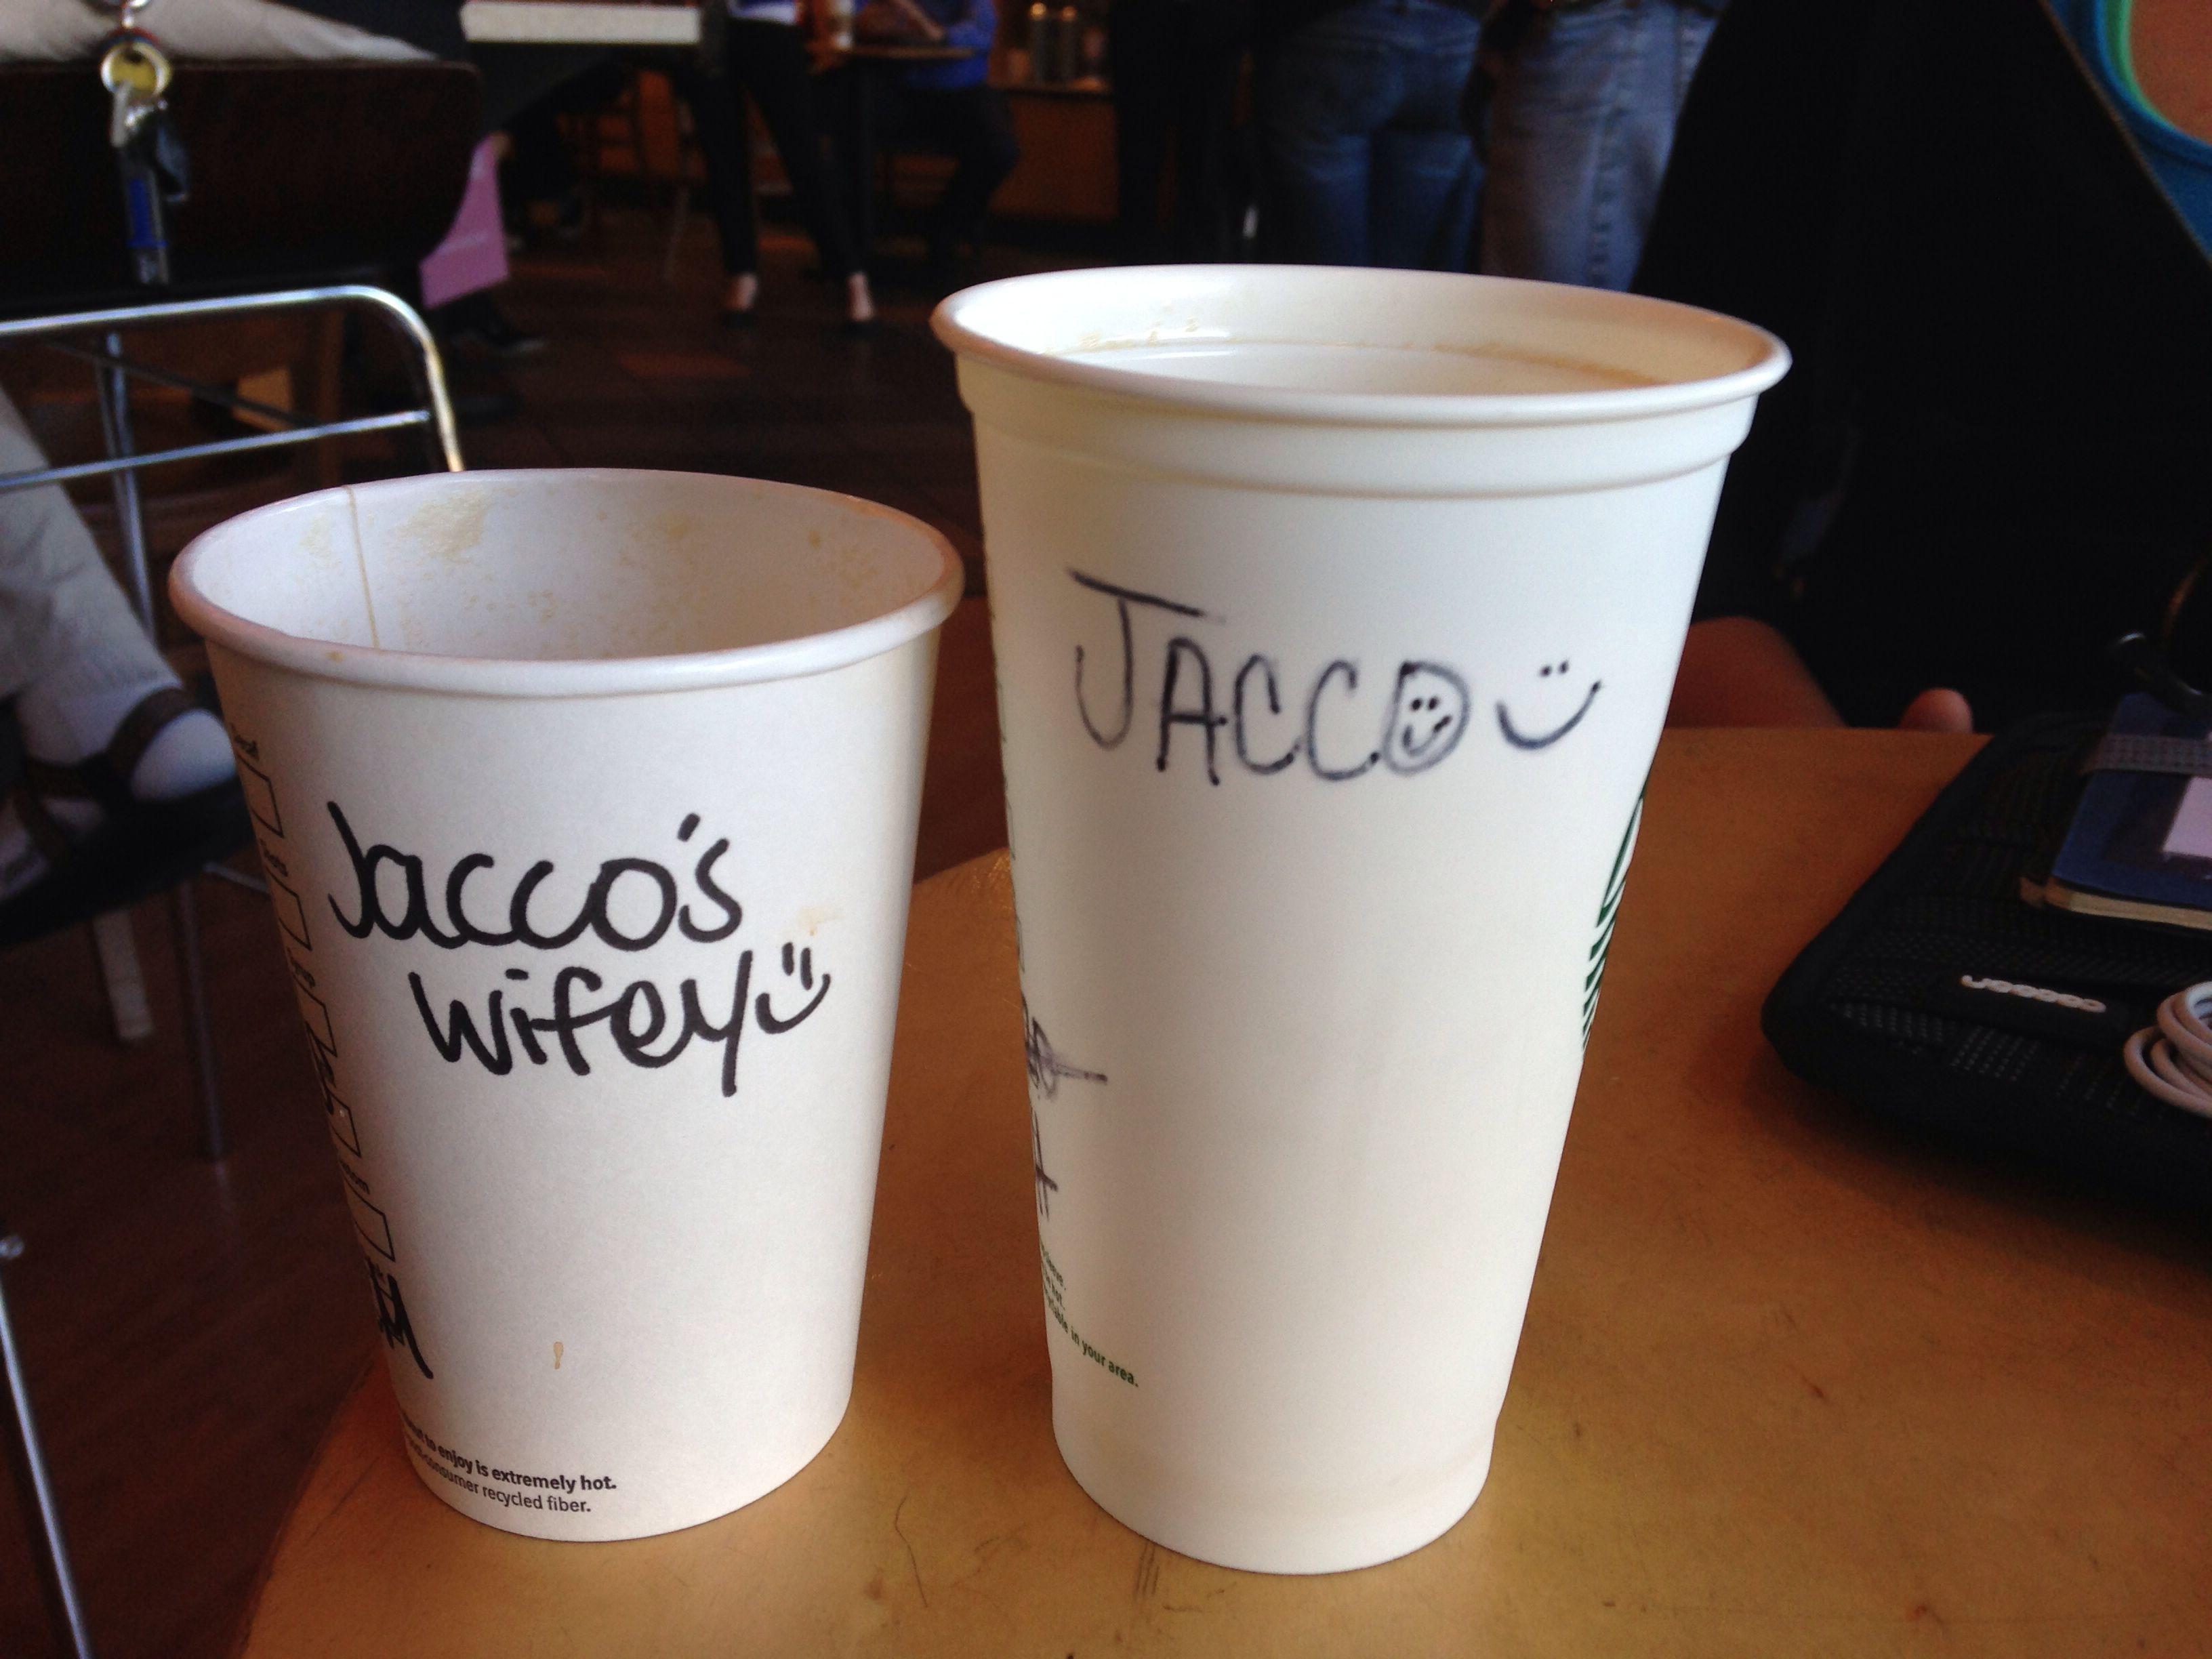 Starbucks names